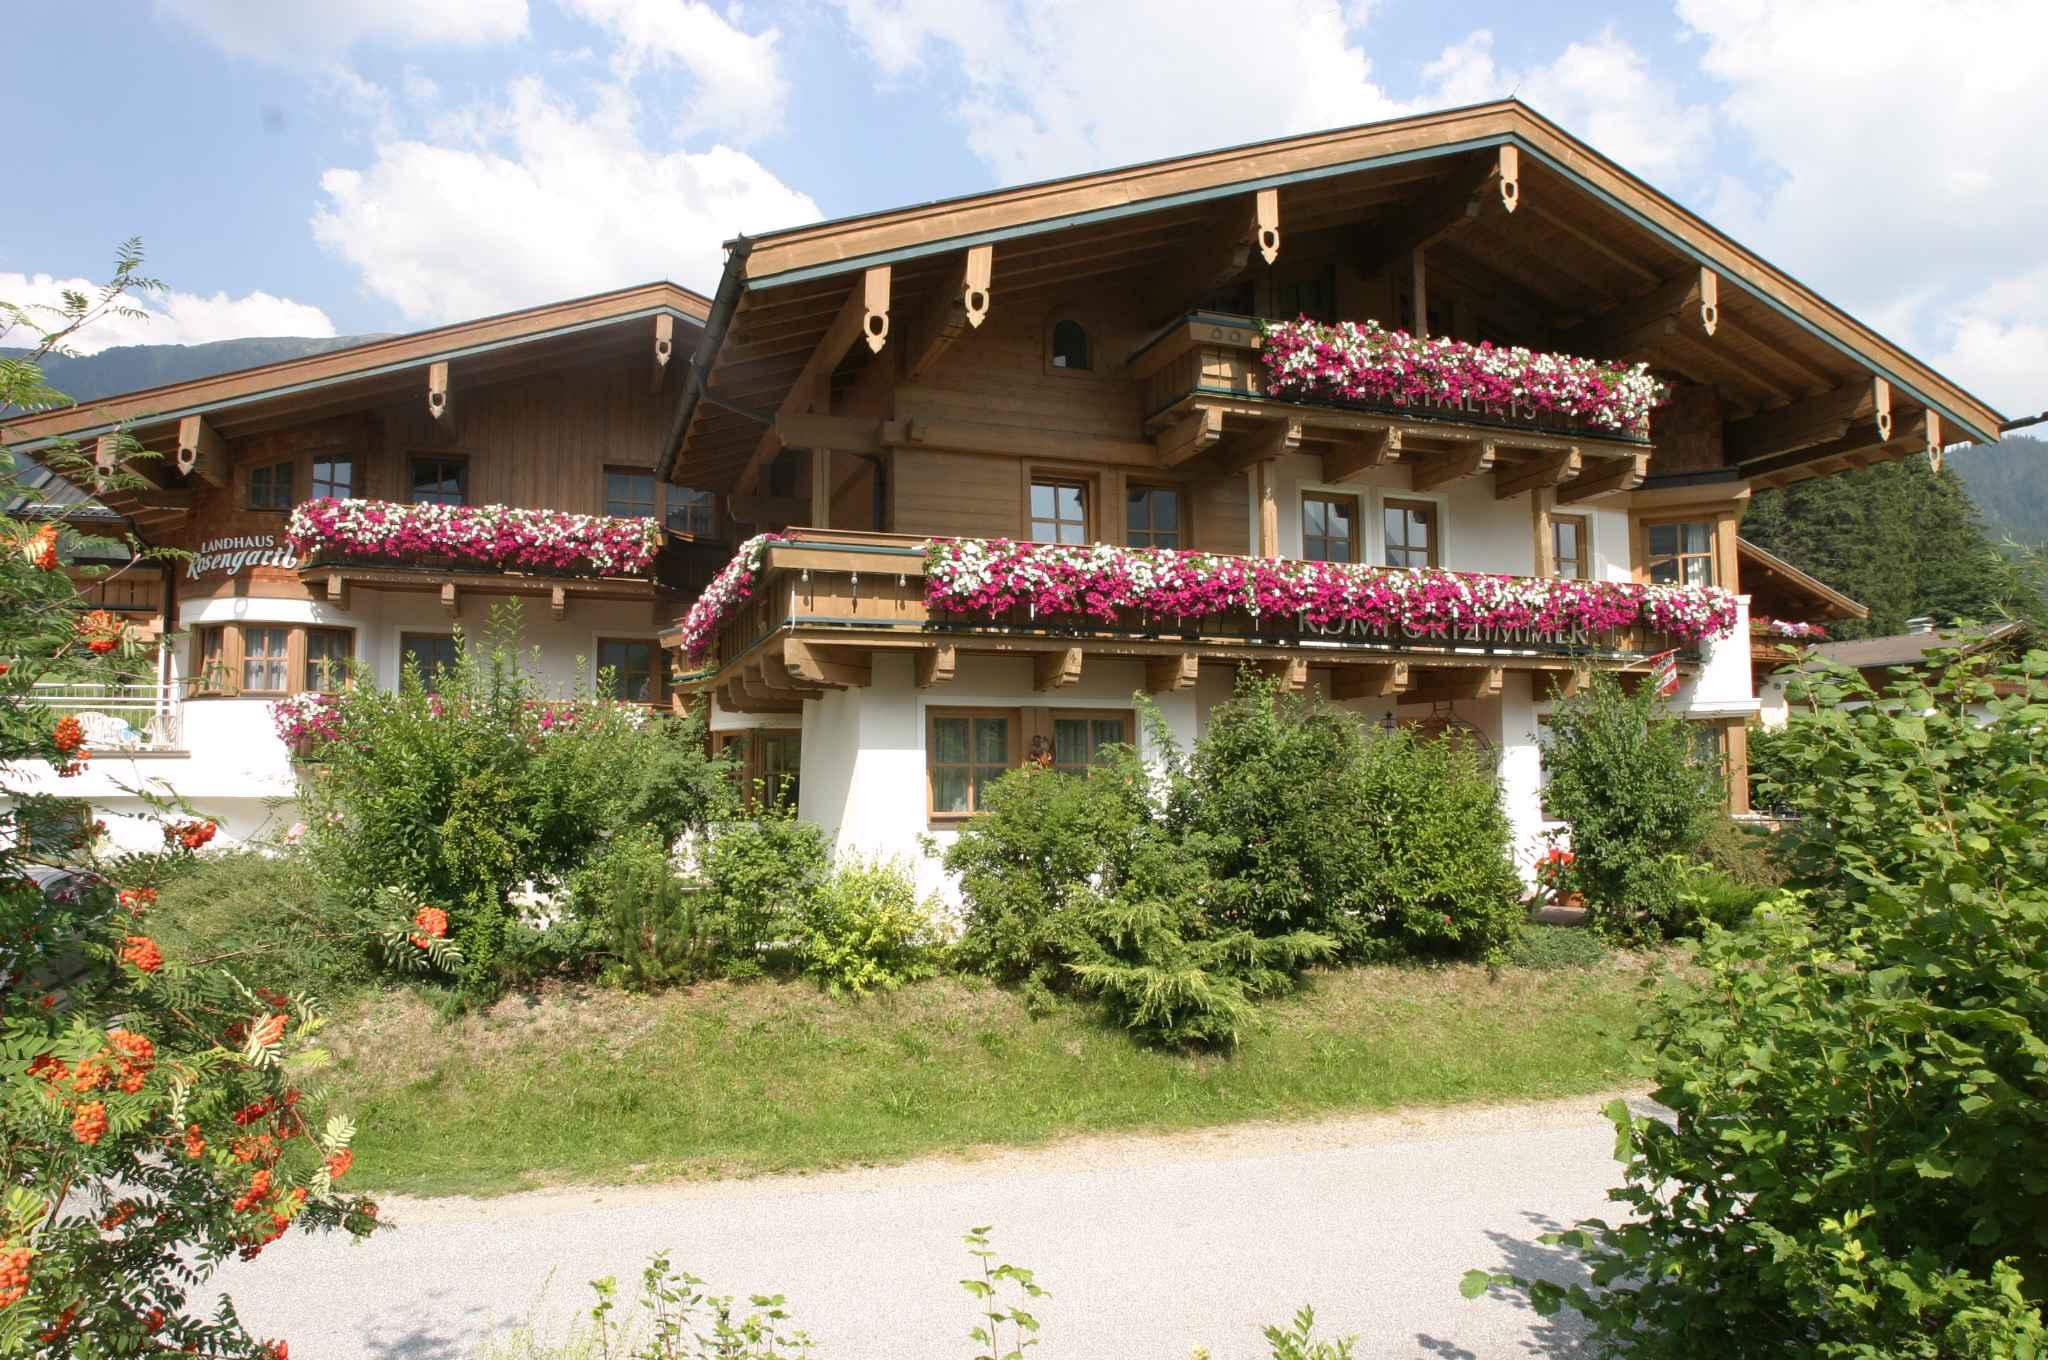 Ferienwohnung mit Balkon in ruhiger Lage (310160), Krimml, Pinzgau, Salzburg, Österreich, Bild 1